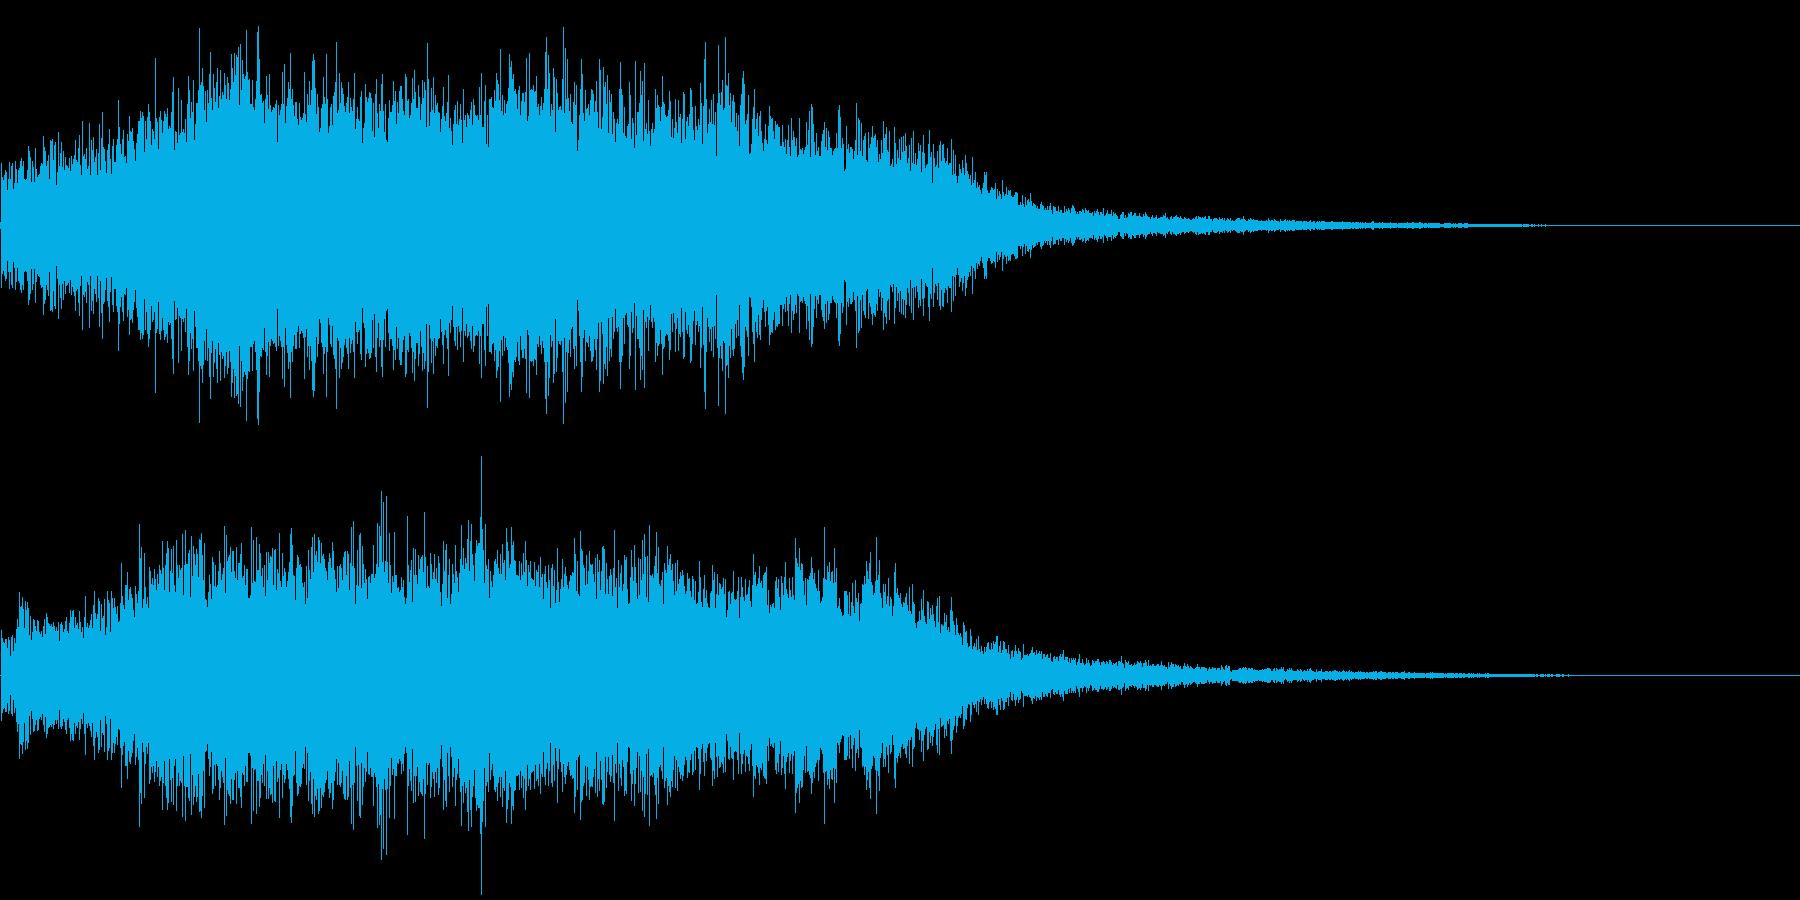 【ホラーゲーム】場面転換_04 出現の再生済みの波形